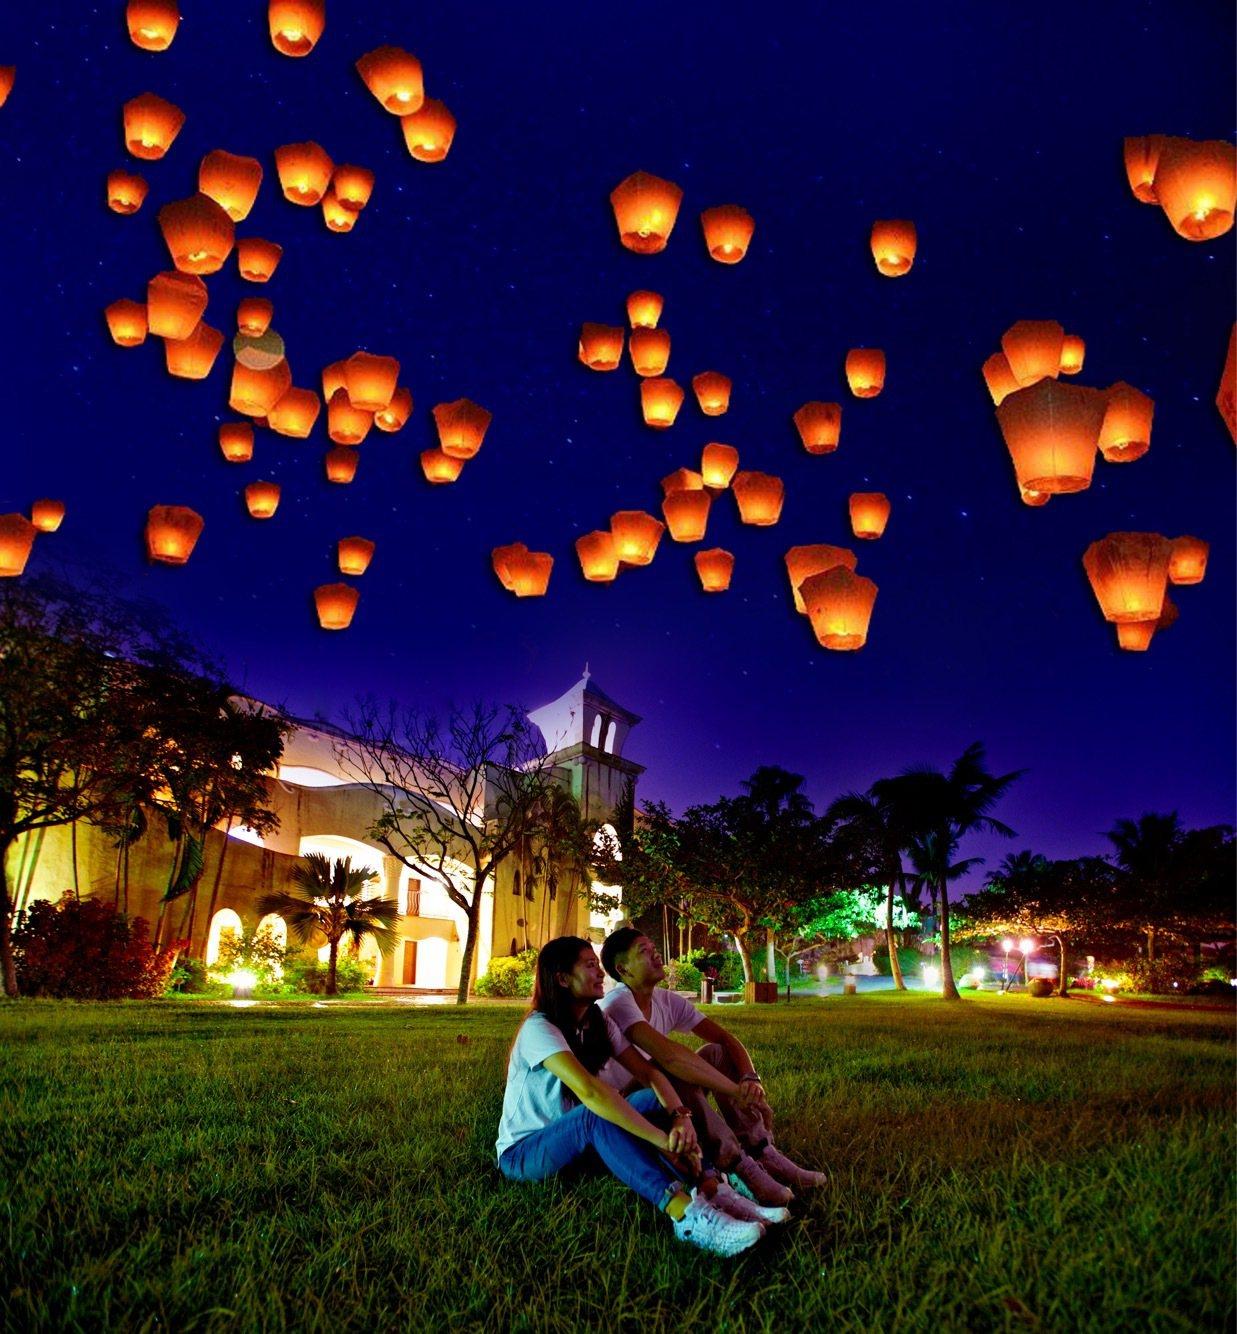 理想大地渡假飯店在跨年夜推出放天燈祈福活動,讓民眾和金雞年說再見。圖/理想大地度...